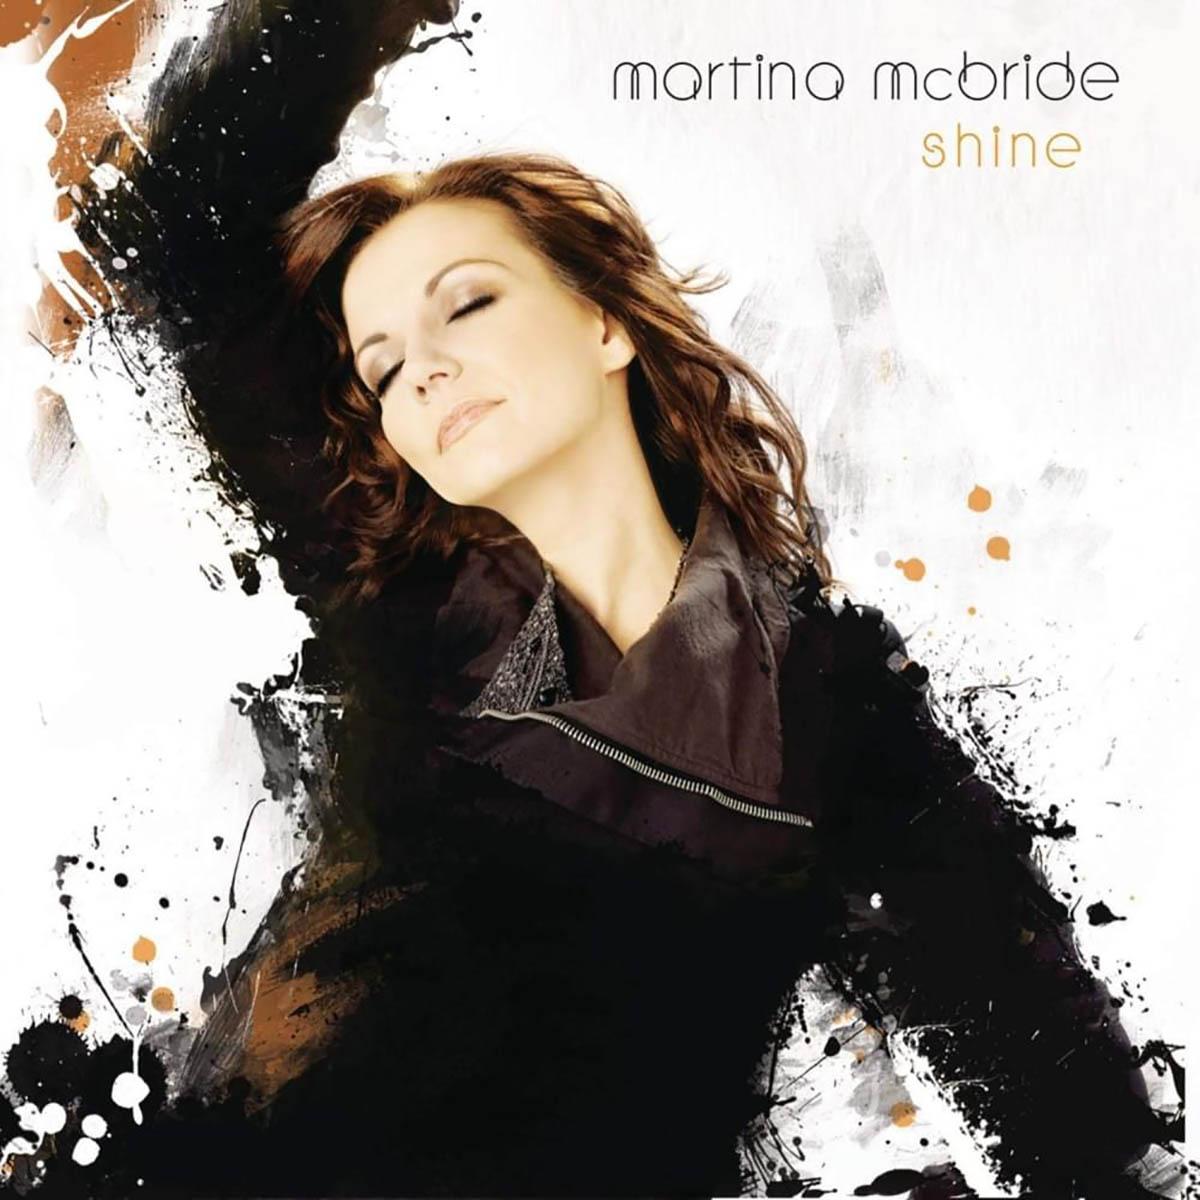 Martina McBride, Shine